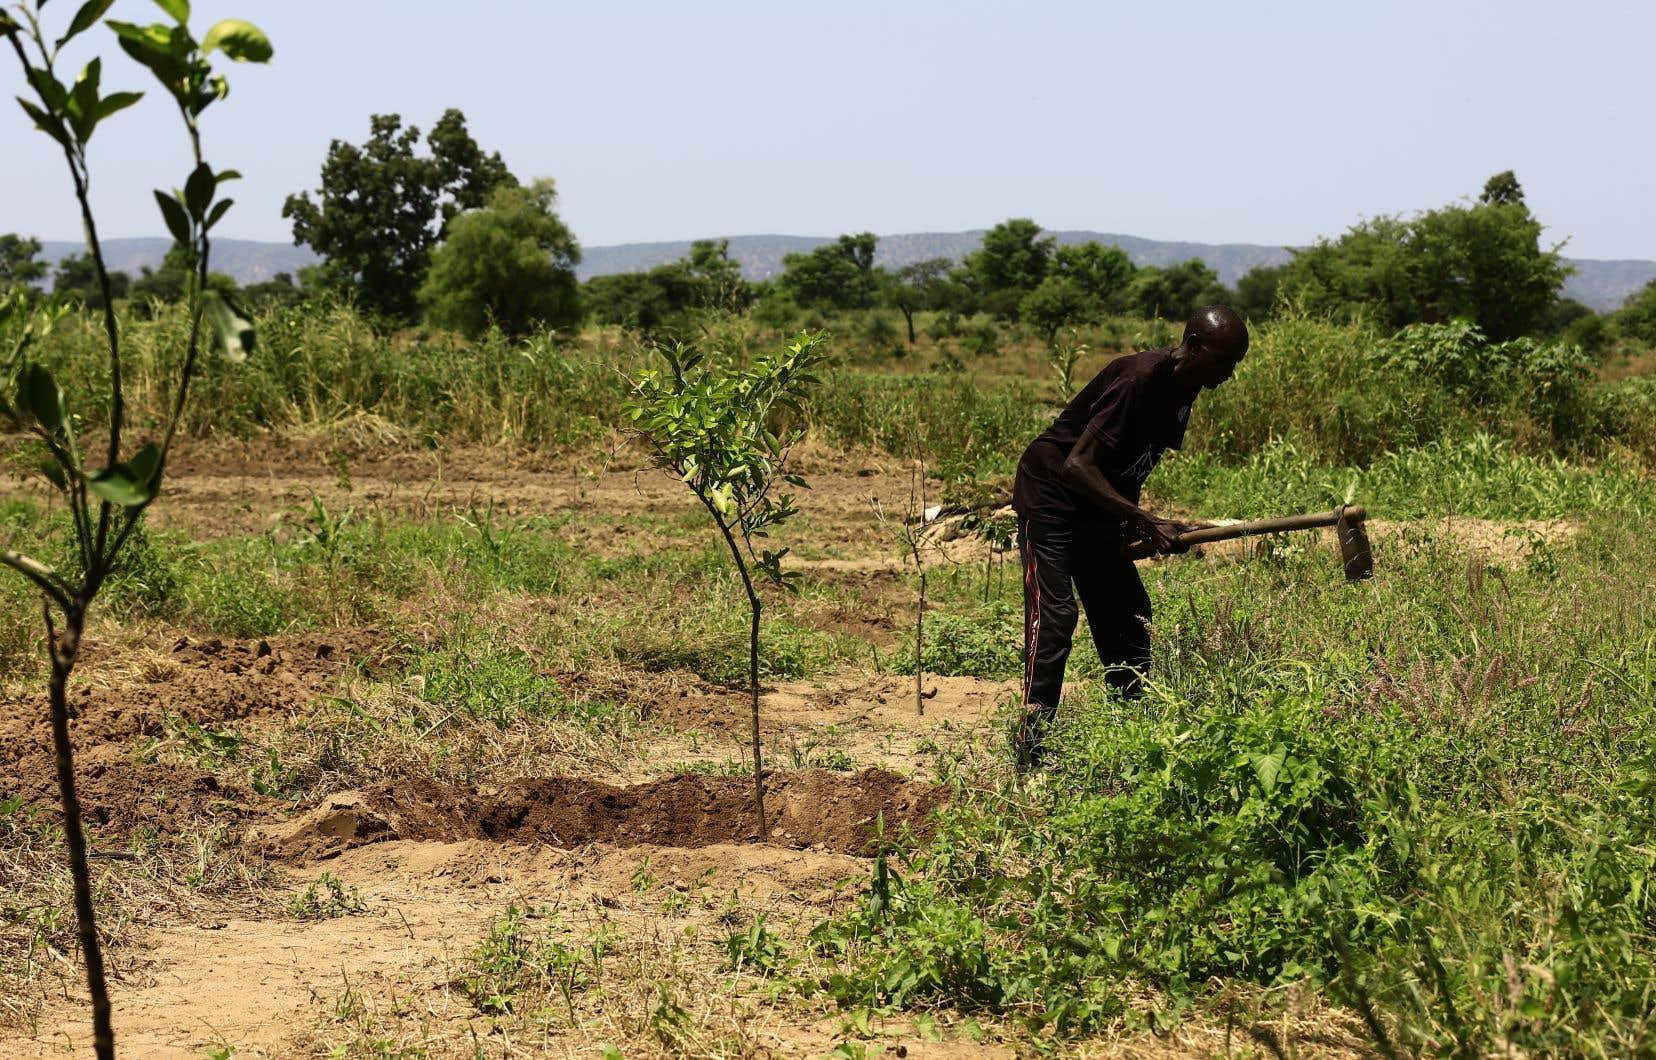 Au Darfour-Ouest, la question des terres et de l'eau demeure sensible. Sur cette image, un fermier venant de revenir sur ses terres au terme d'un accord avec le gouvernement.